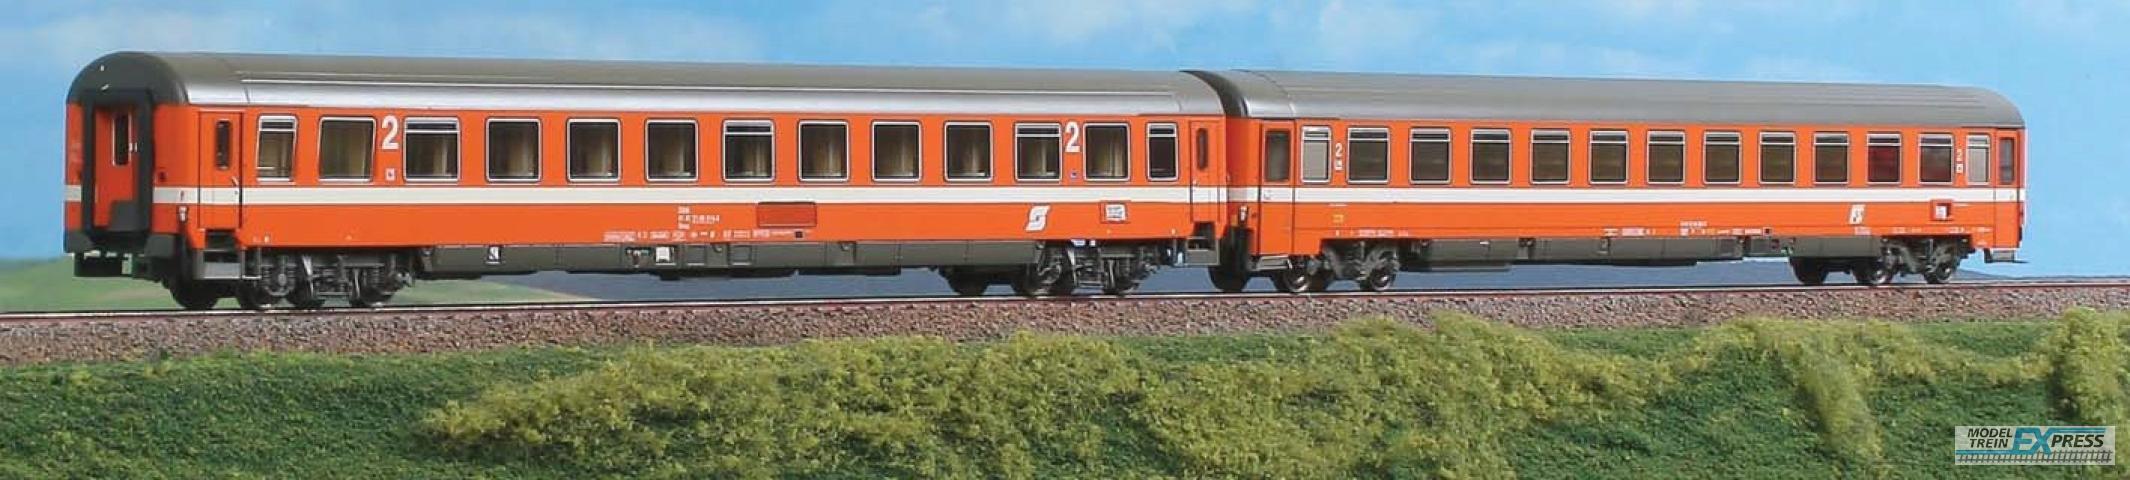 ACME 55208